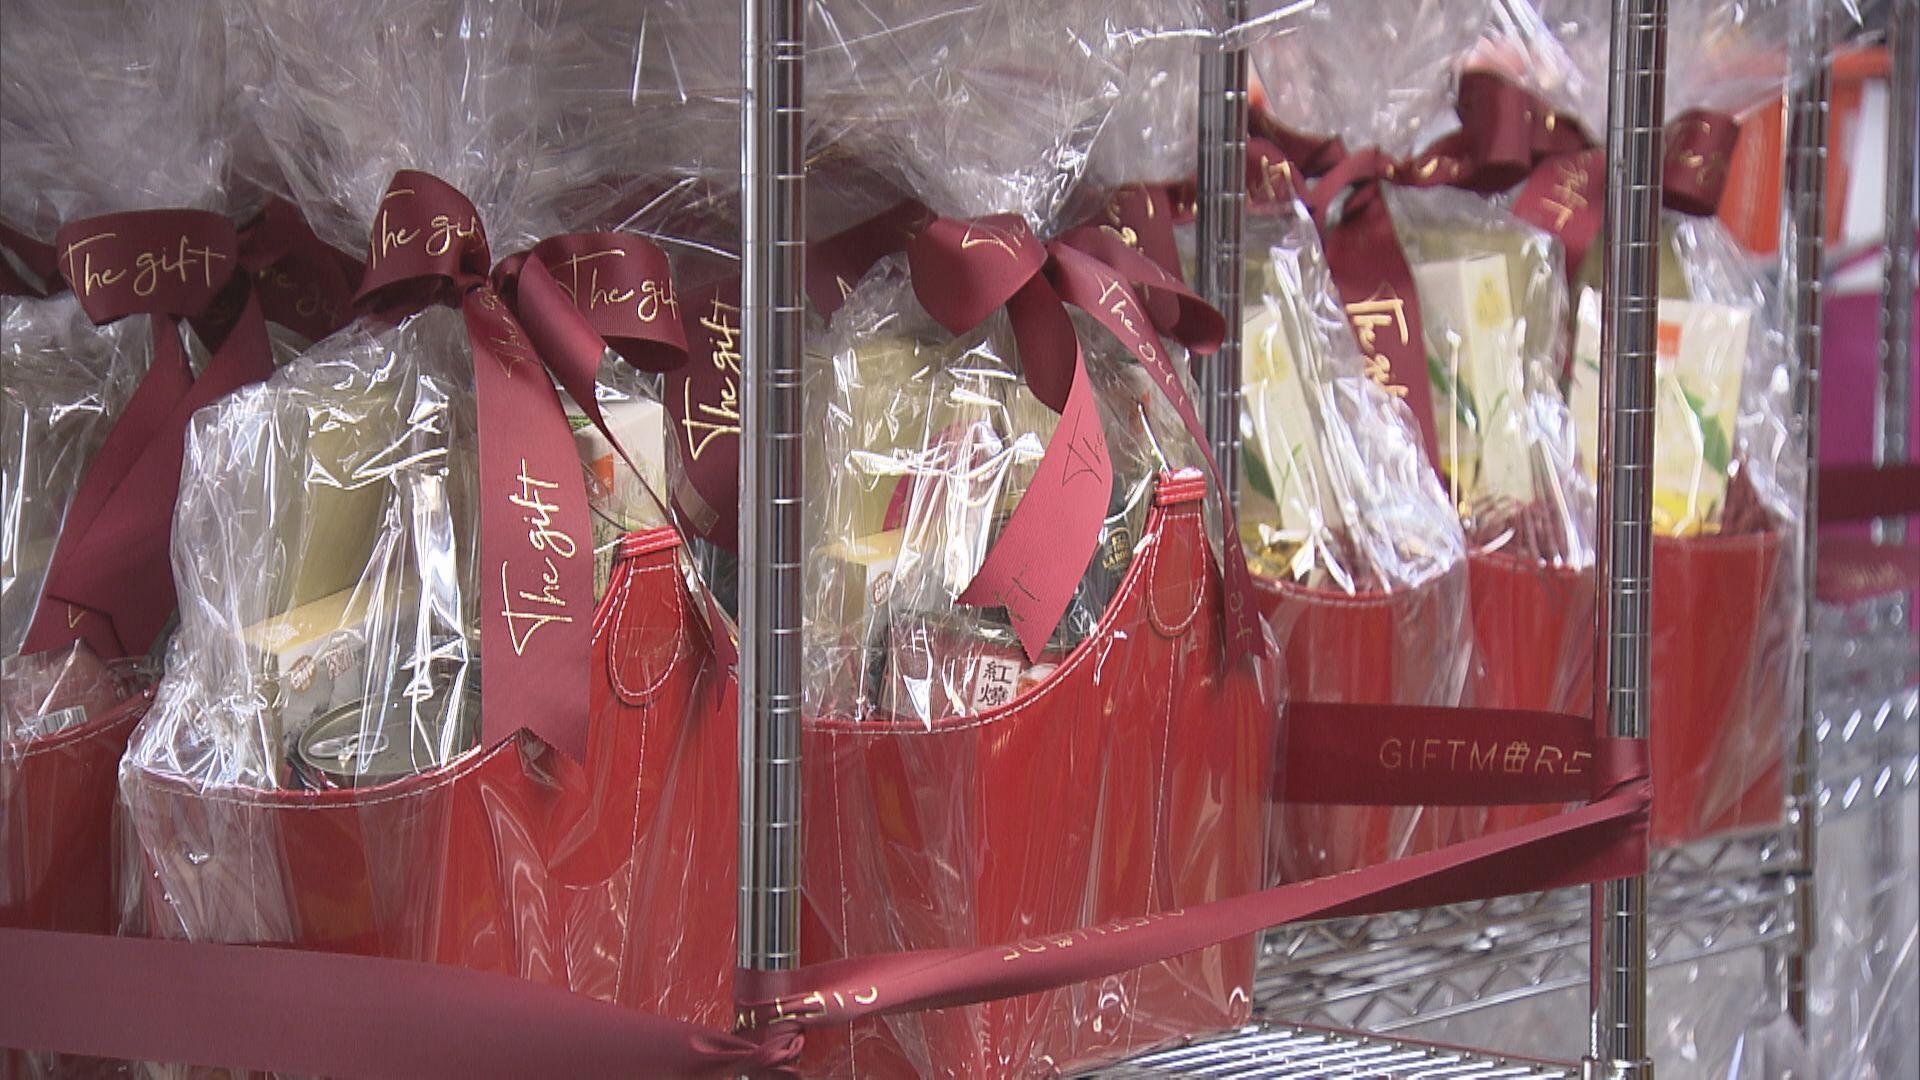 海味店變陣谷網購 賀年禮盒「疫」市跑出